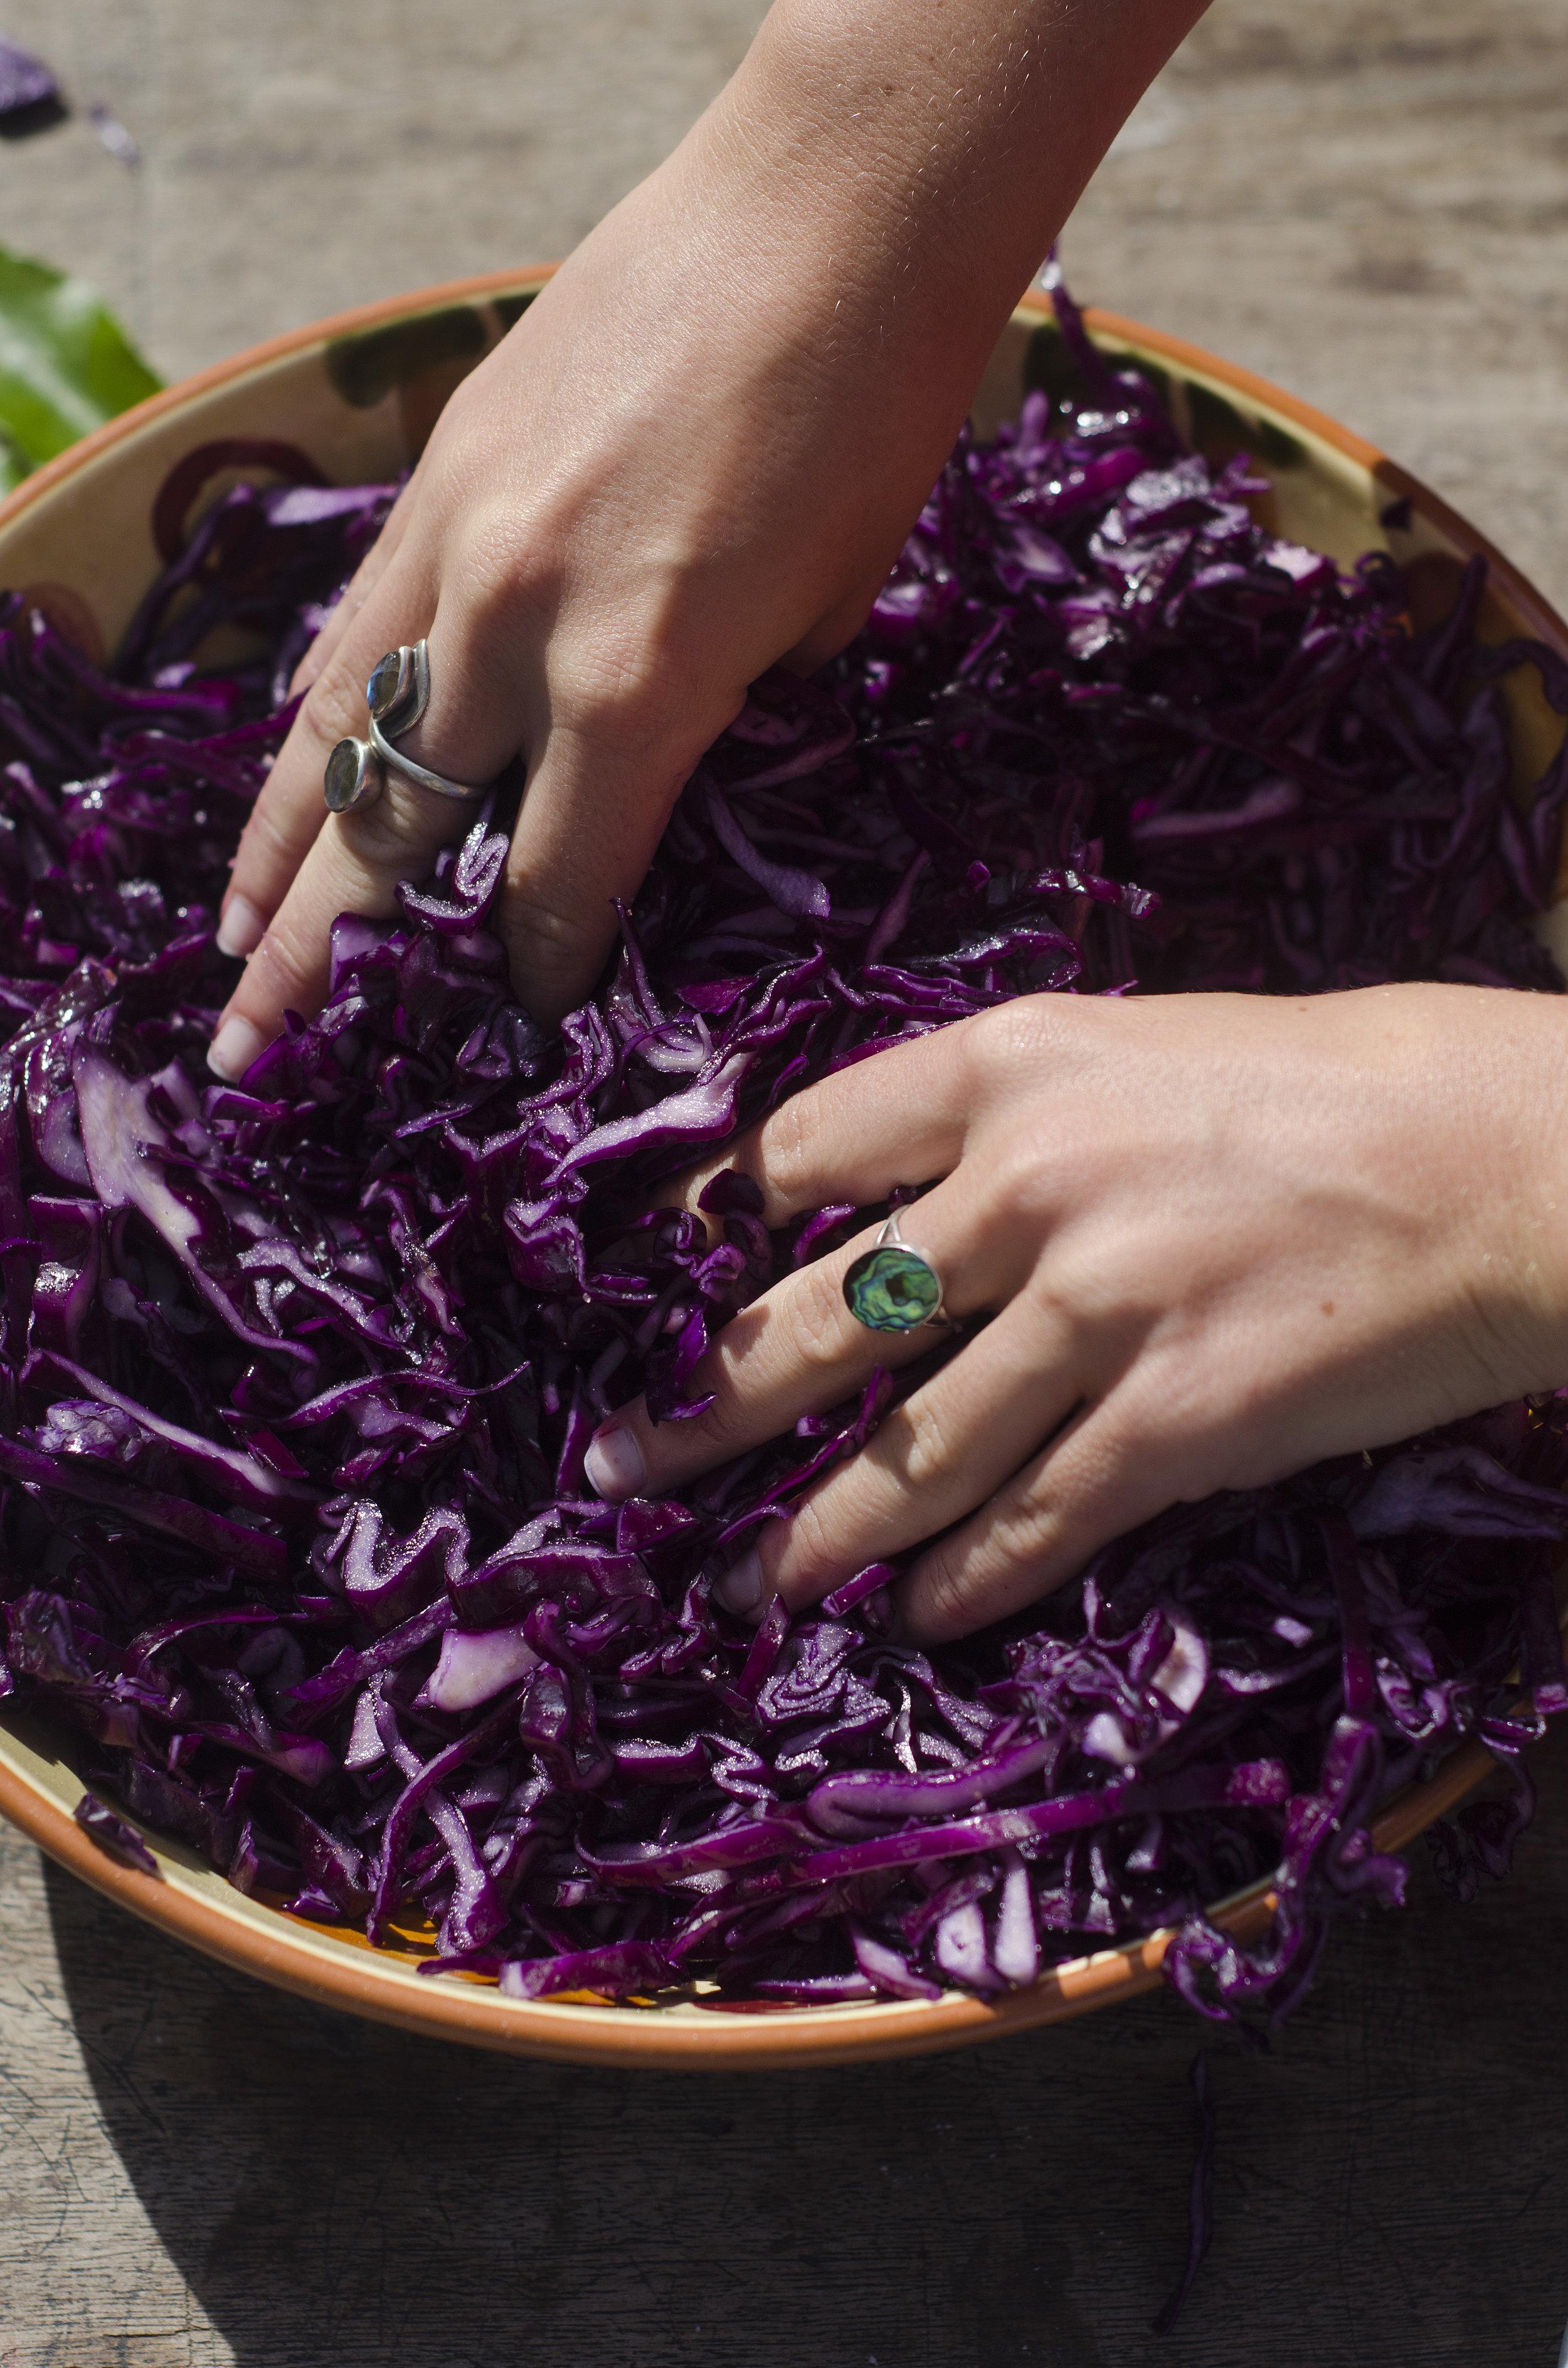 Purple Sauerkraut with Fennel